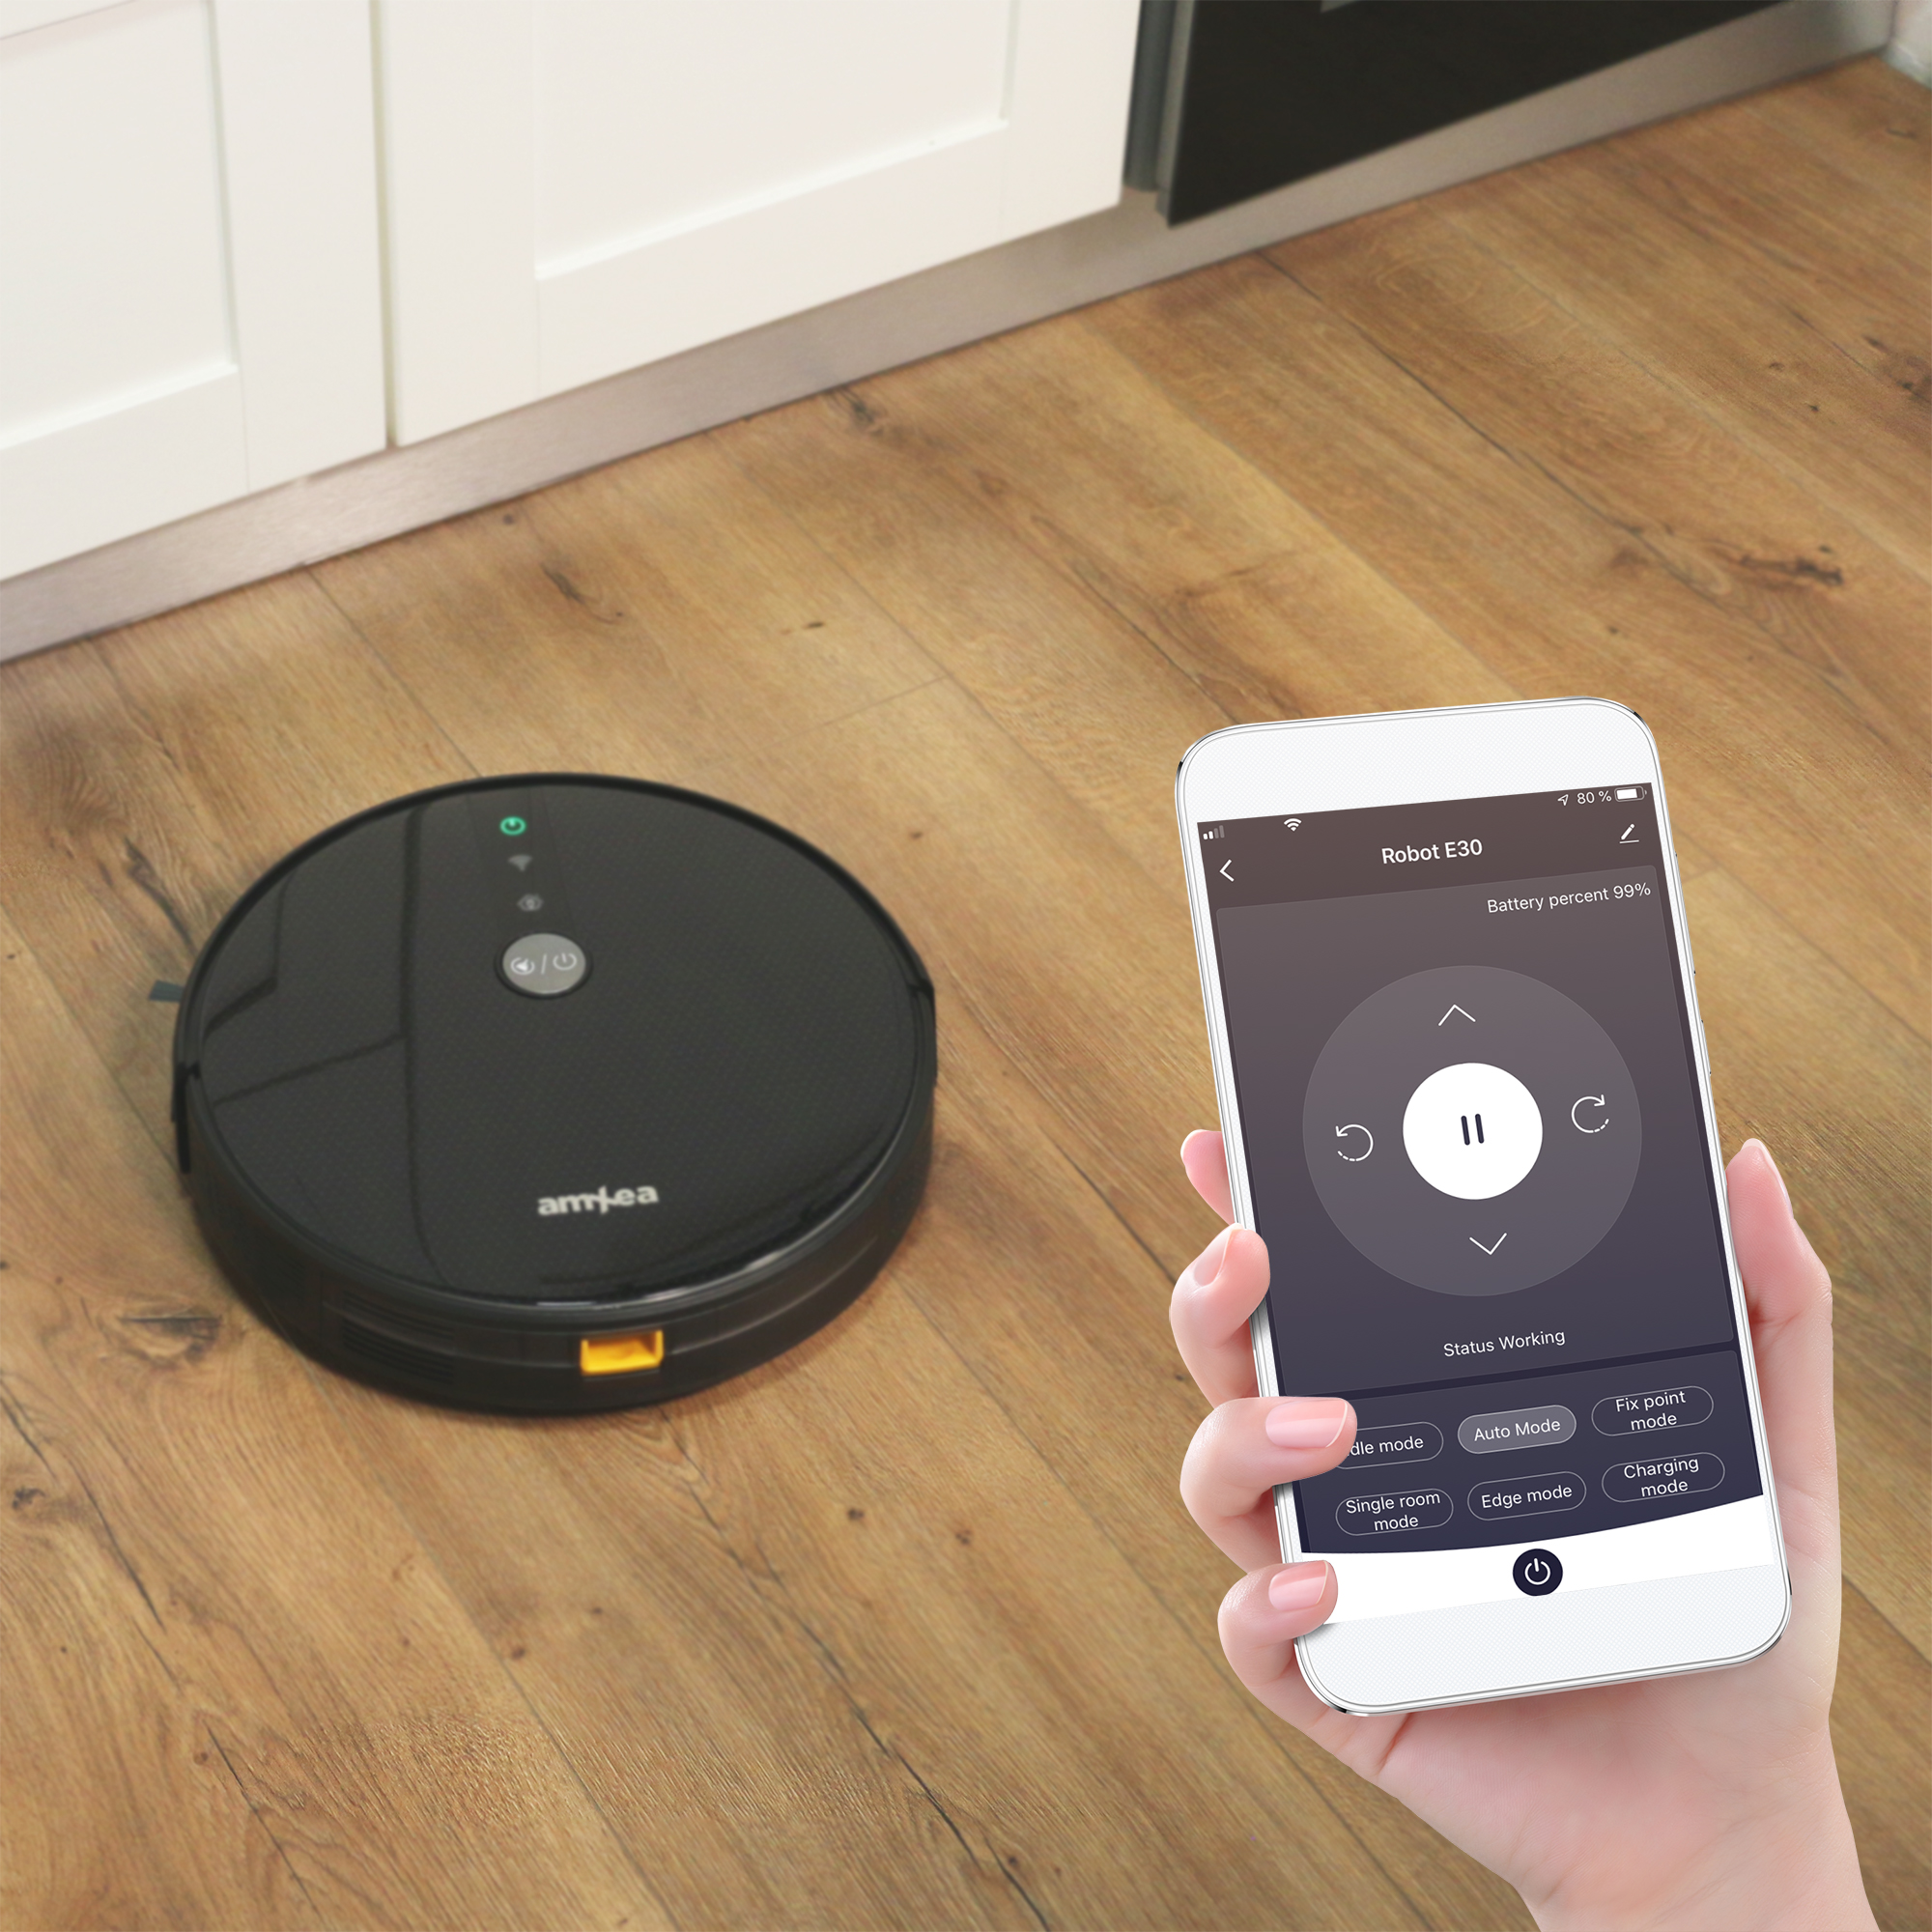 robot amxea e30 wifi app